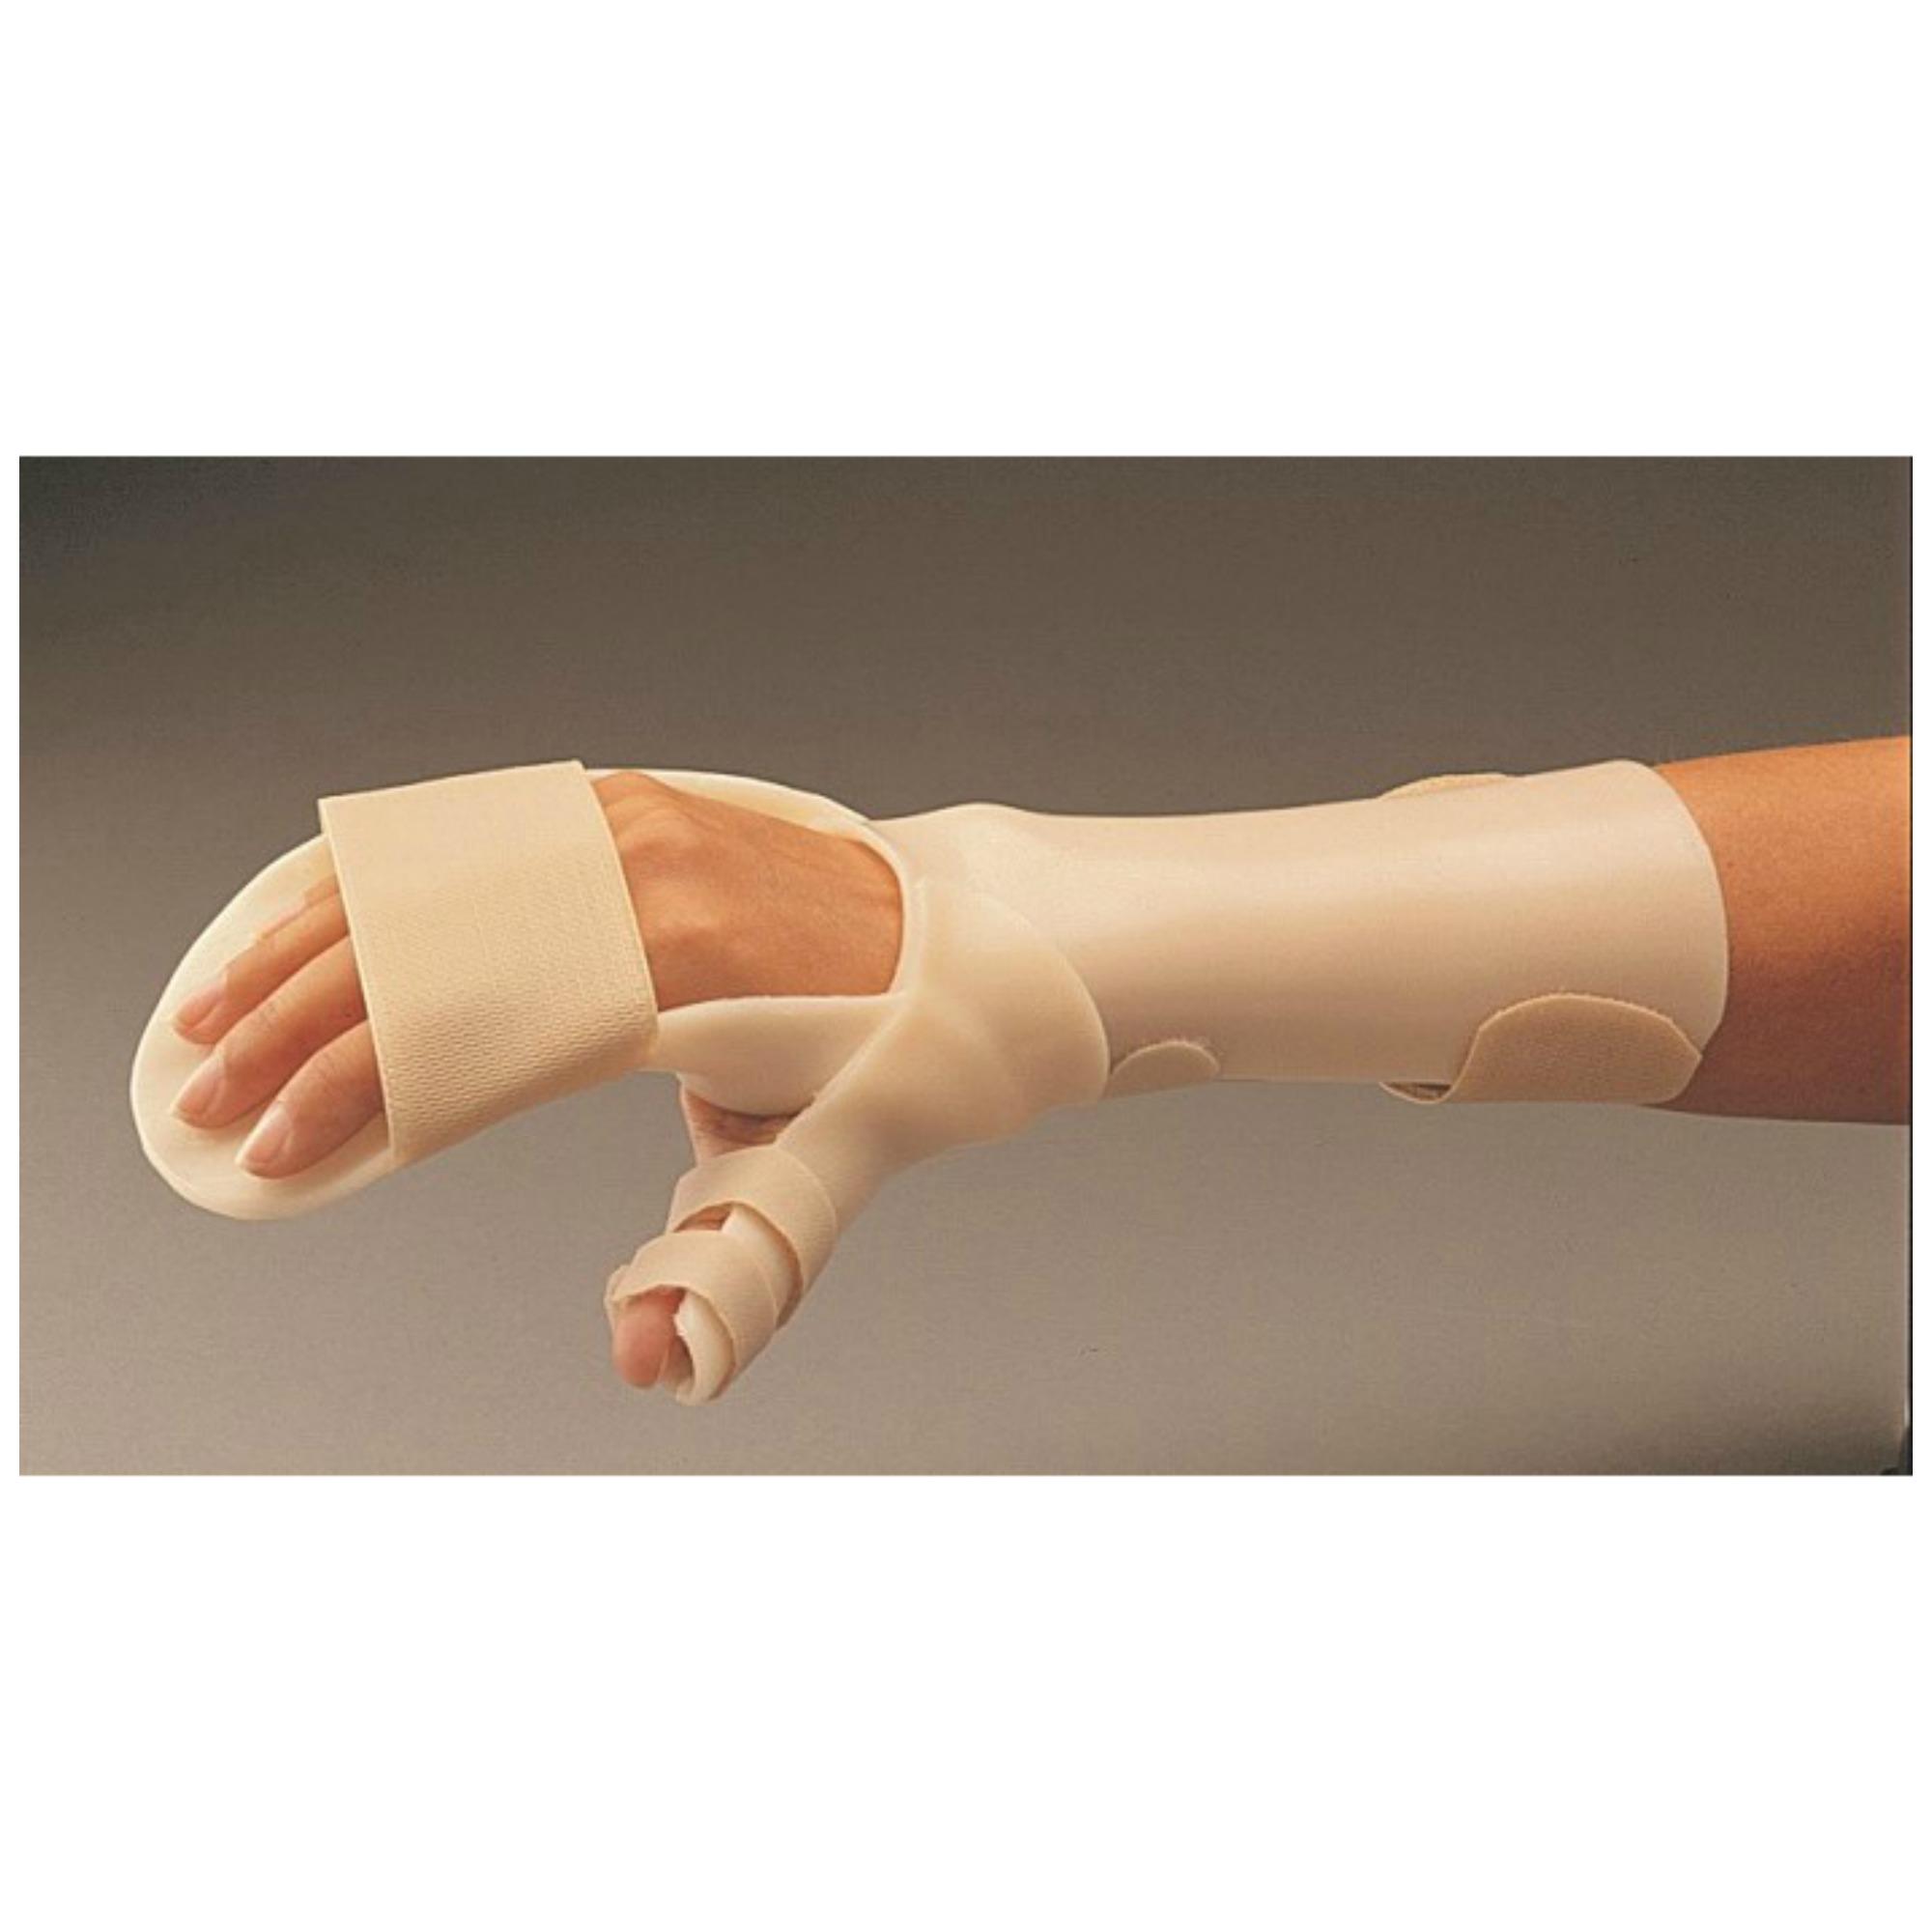 Arthritisz, avagy mi is az ízületi gyulladás?